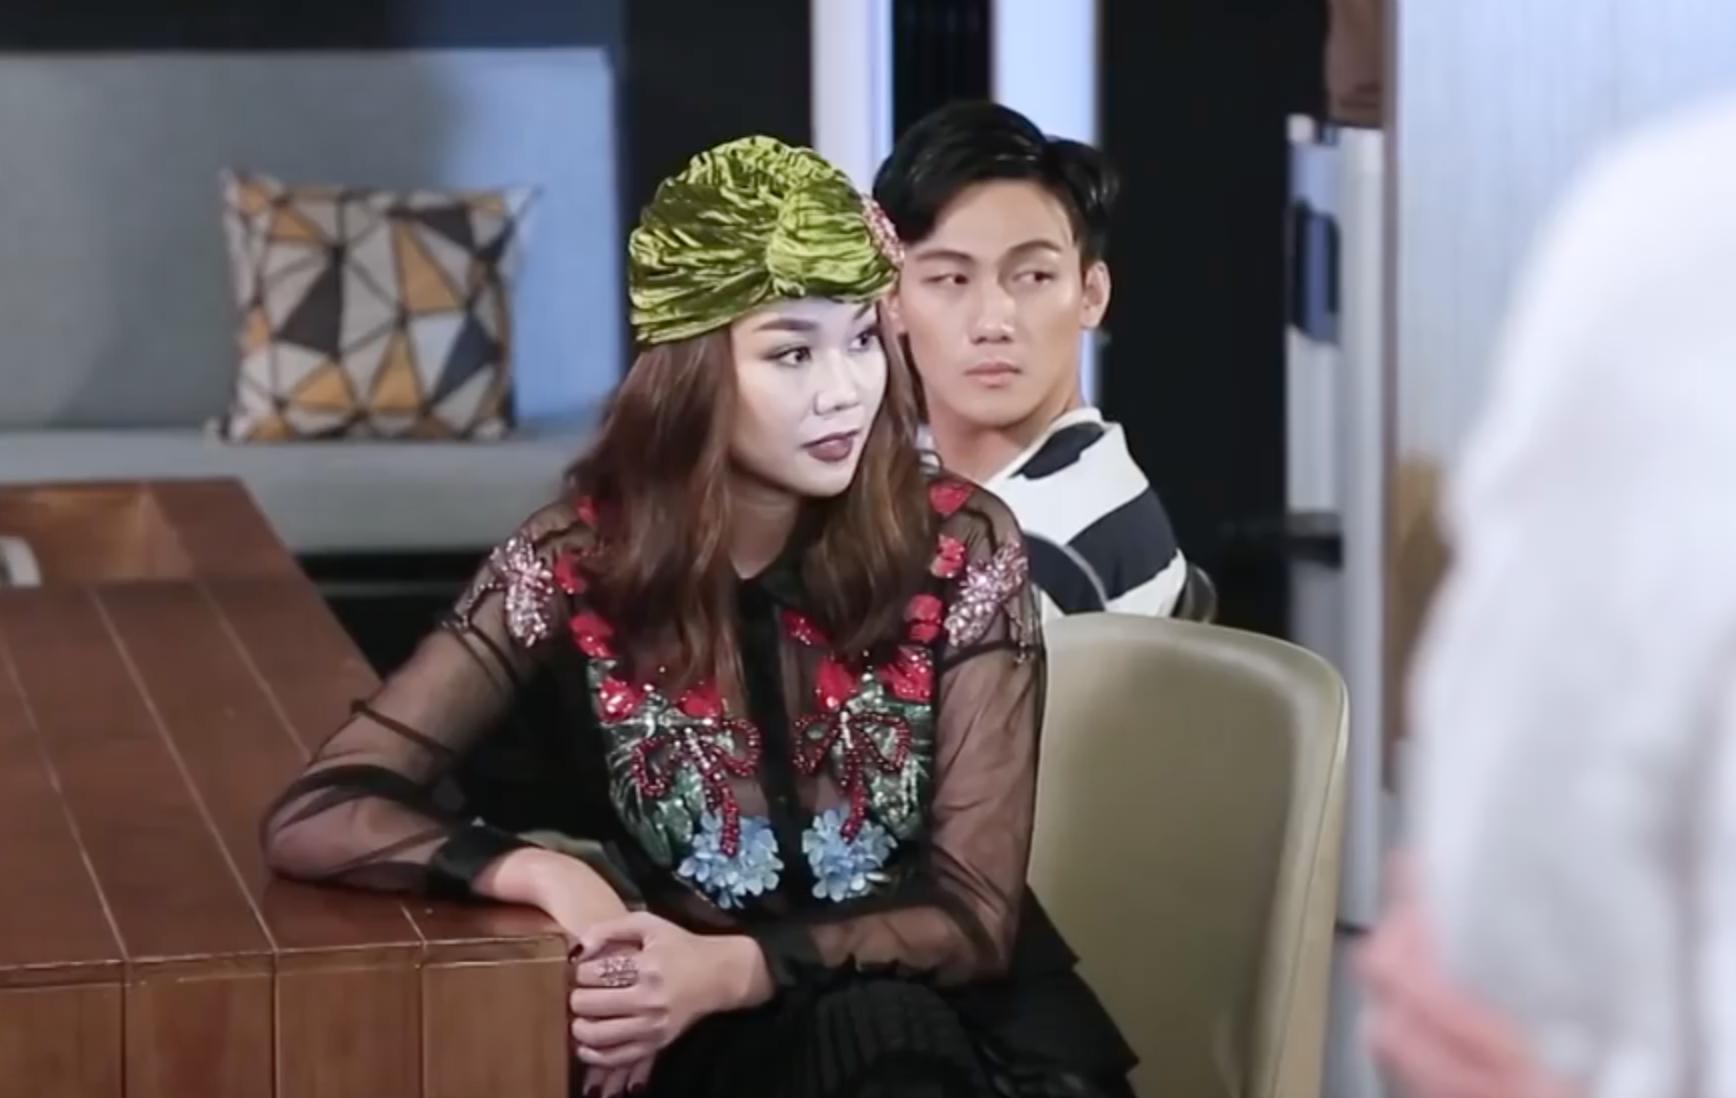 Thanh Hằng hoang mang về mối quan hệ với Minh Hằng và cho rằng bị thiếu tôn trọng - Ảnh 3.